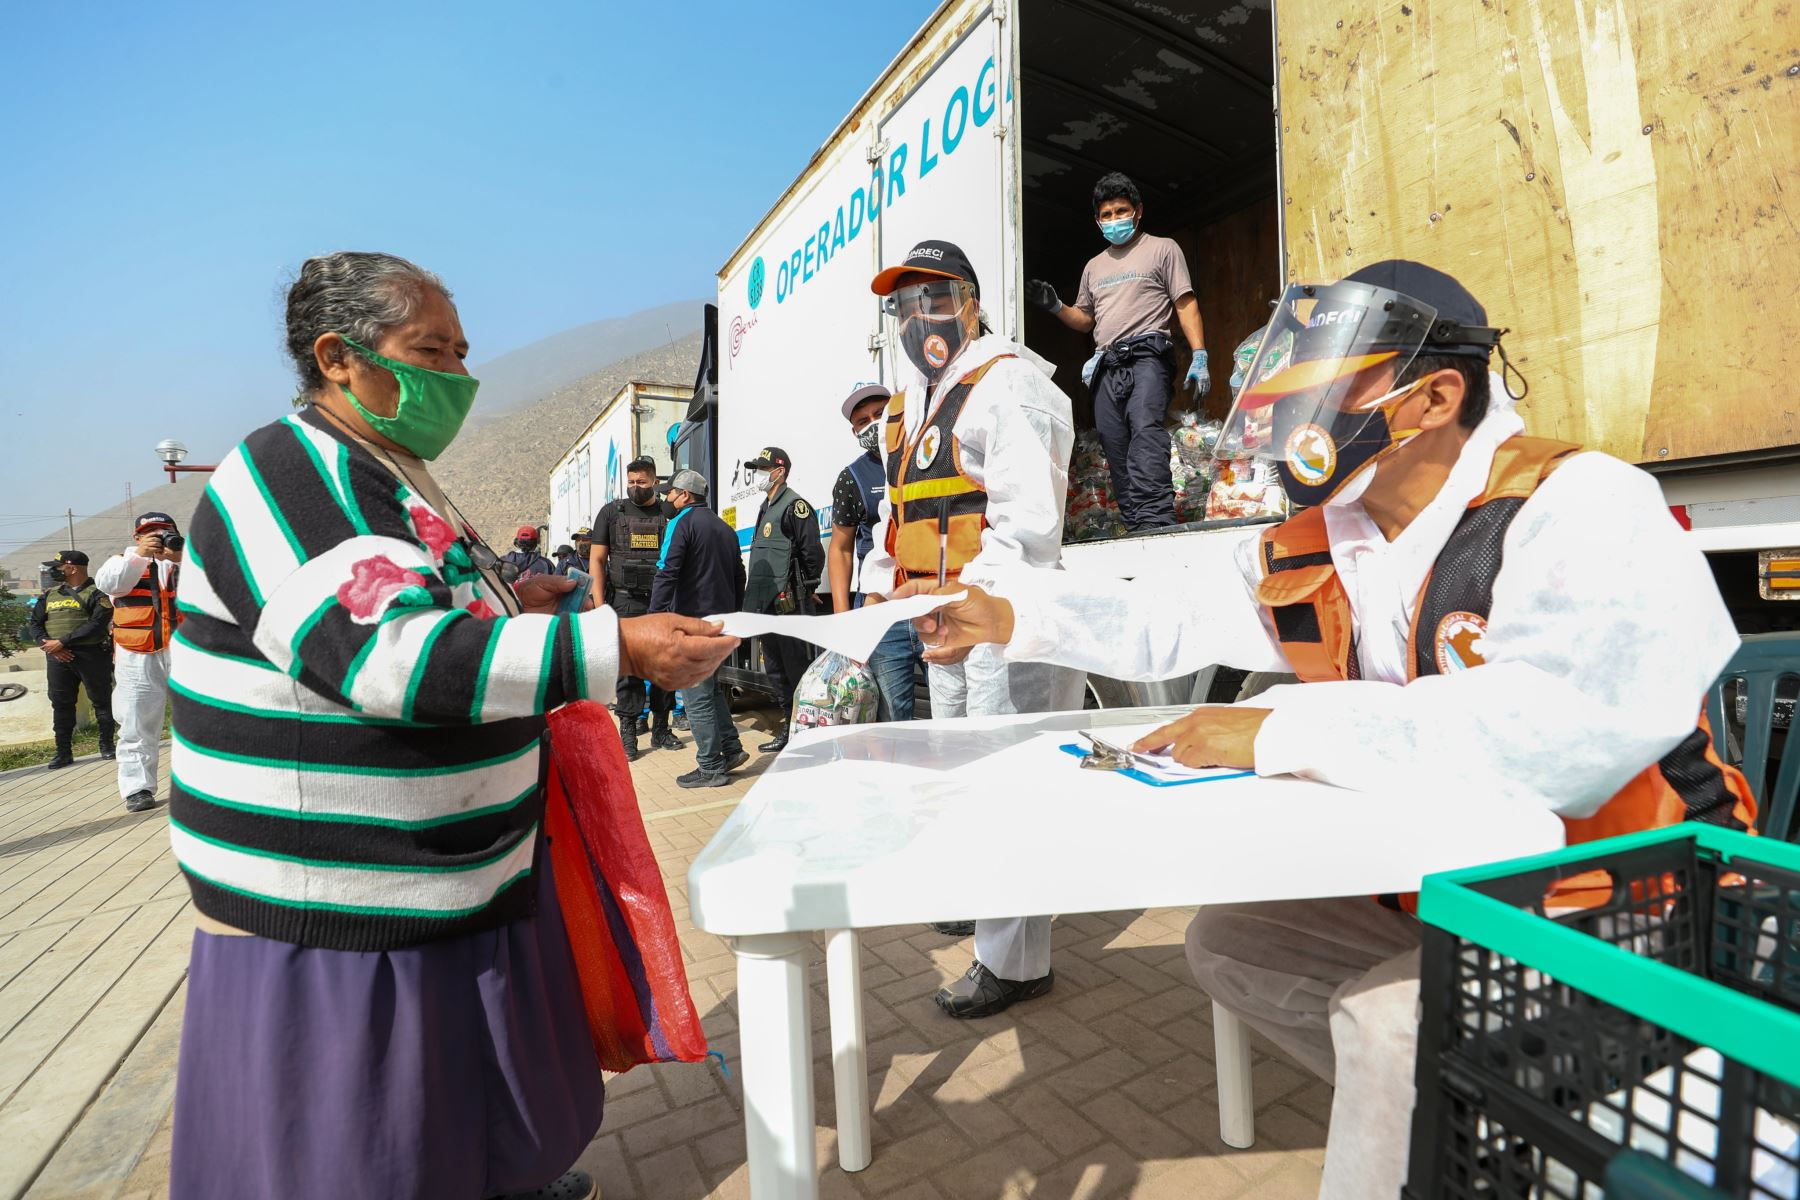 El premier  Vicente Zeballos supervisó la entrega de 5541 kits de alimentación a las familias vulnerables de Manchay (Parque Sol de Pachacamac, Parque Sol de Manchay, Retamal y San Judas Tadeo), como parte de la implementación del Decreto de Urgencia N° 068-2020. Foto:ANDINA/@pcmperu.